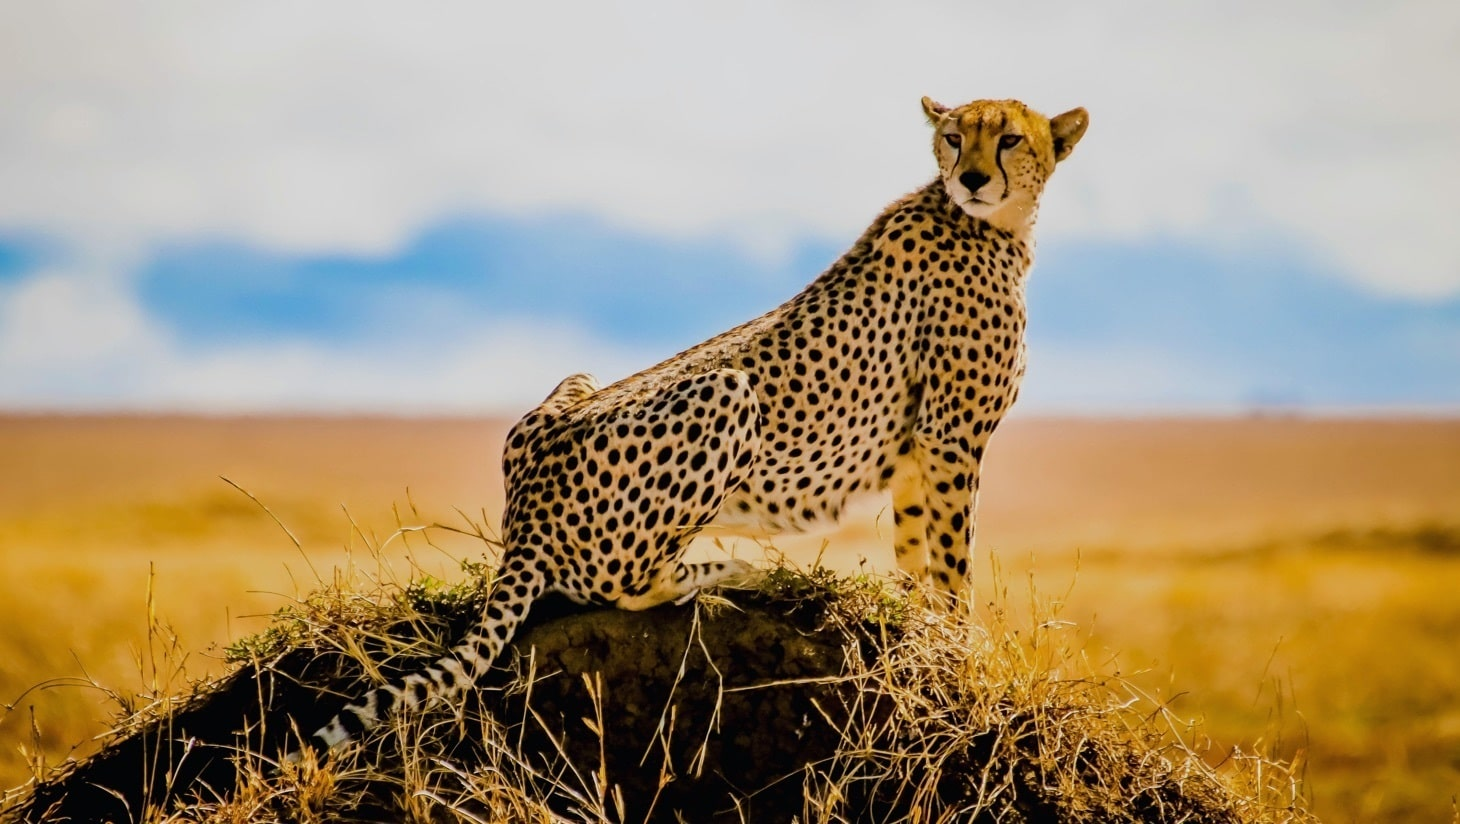 Leopardo scruta l'orizzonte